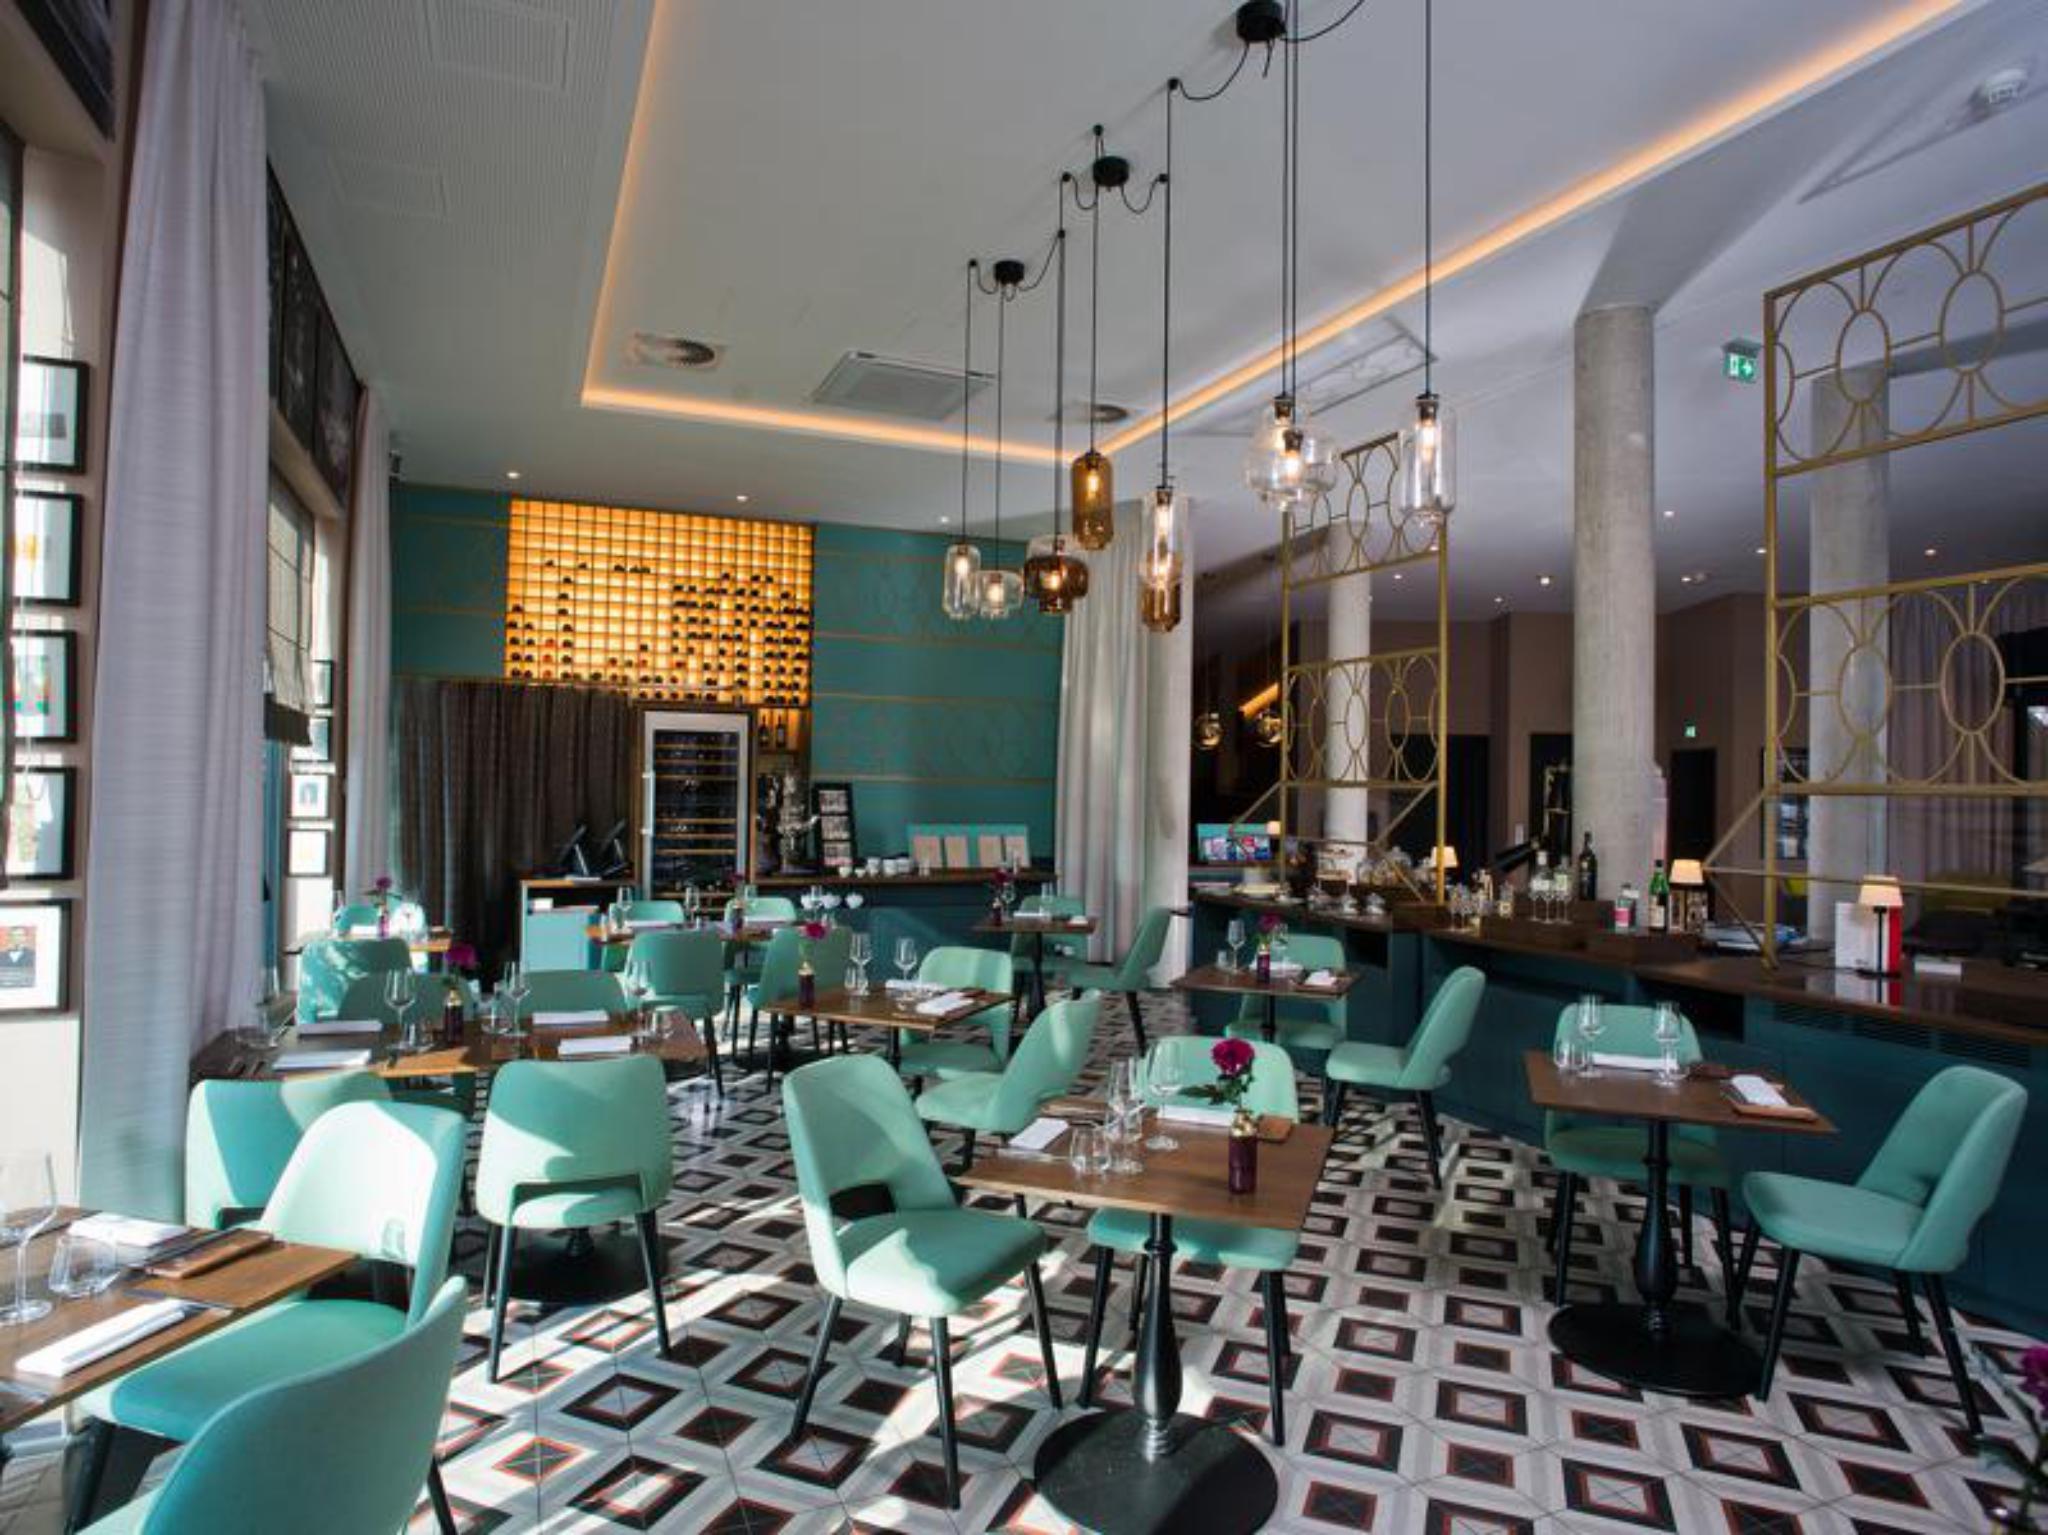 Wunderschönes Ambiente genießen im Restaurant The Liberty. Foto: The Liberty